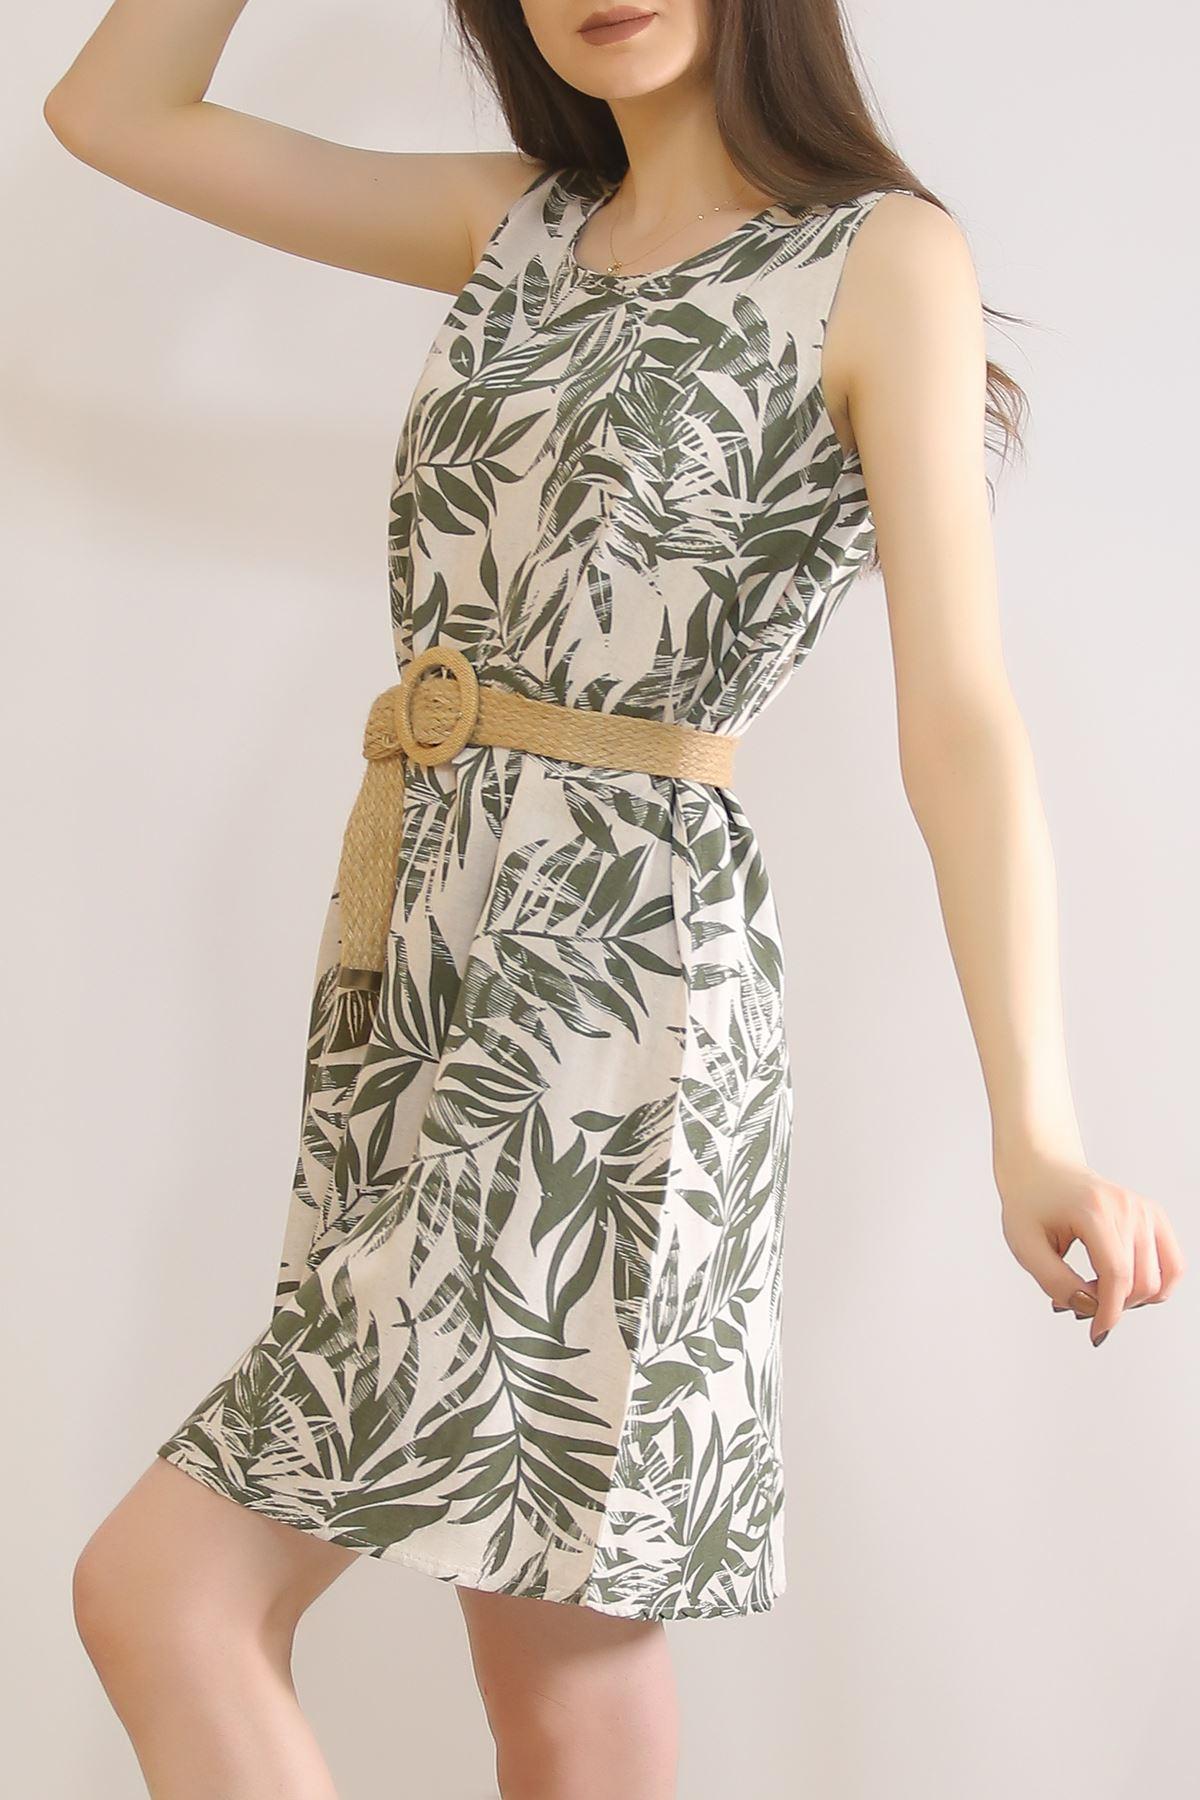 Sıfır Kol Keten Elbise Yeşilçiçekli - 5841.128.